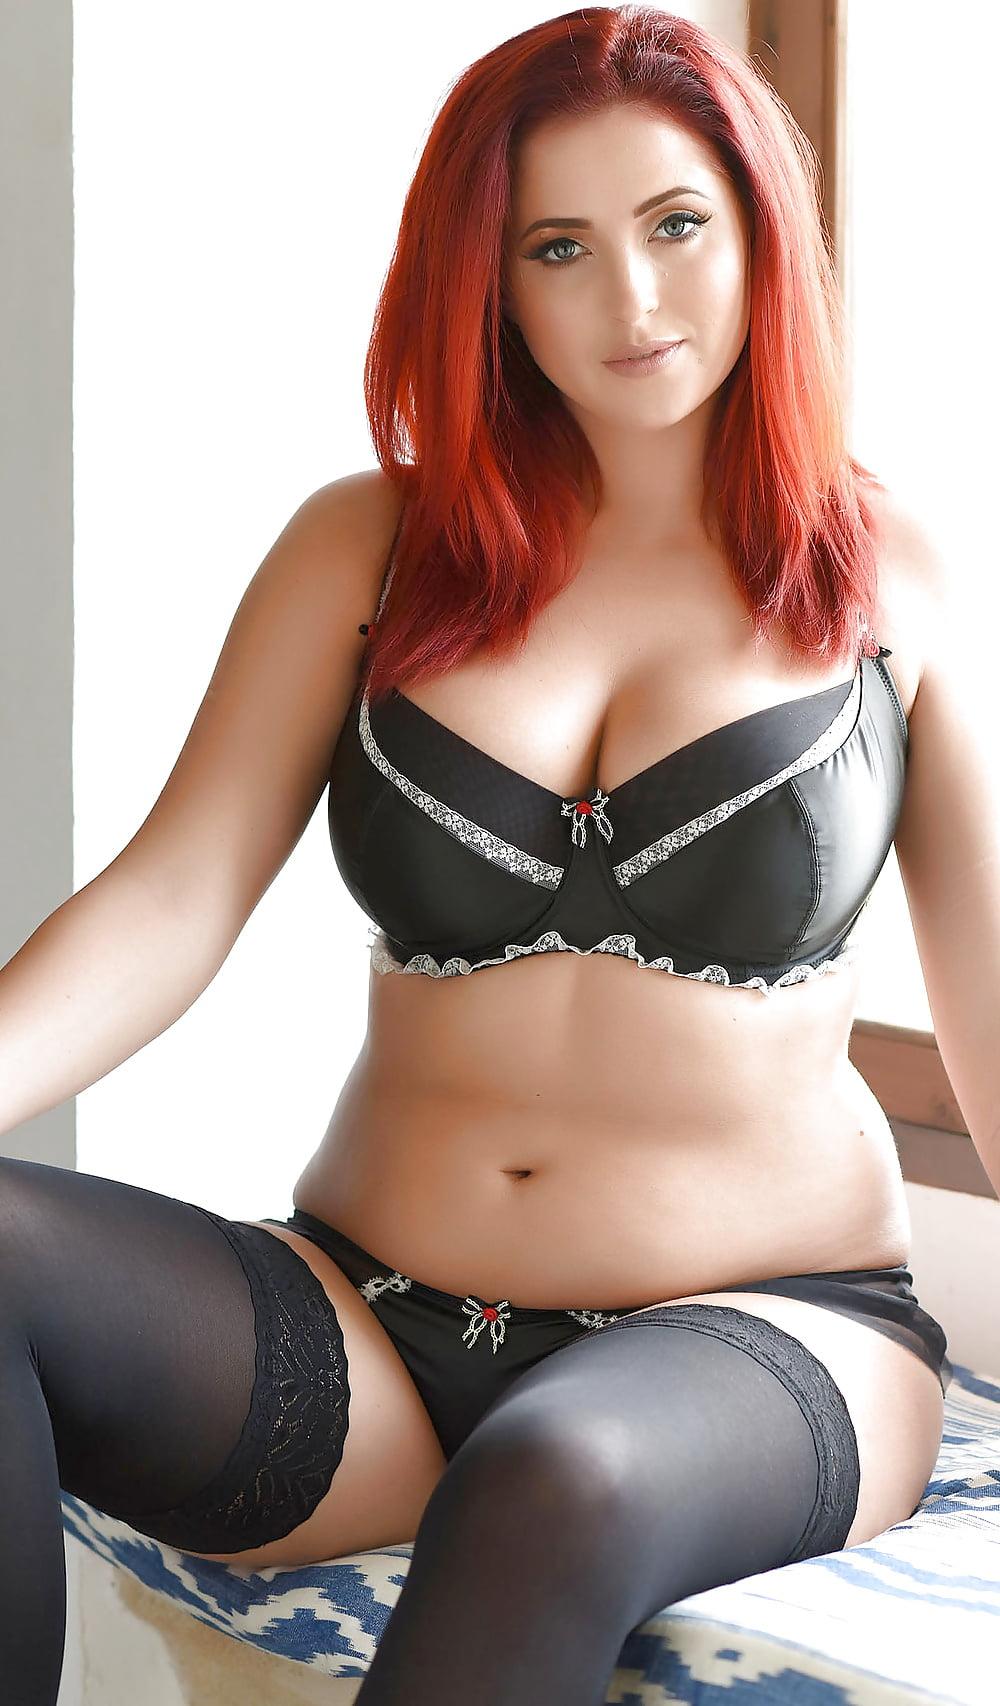 turner-porn-sexy-redhead-bbw-pussy-eating-femdom